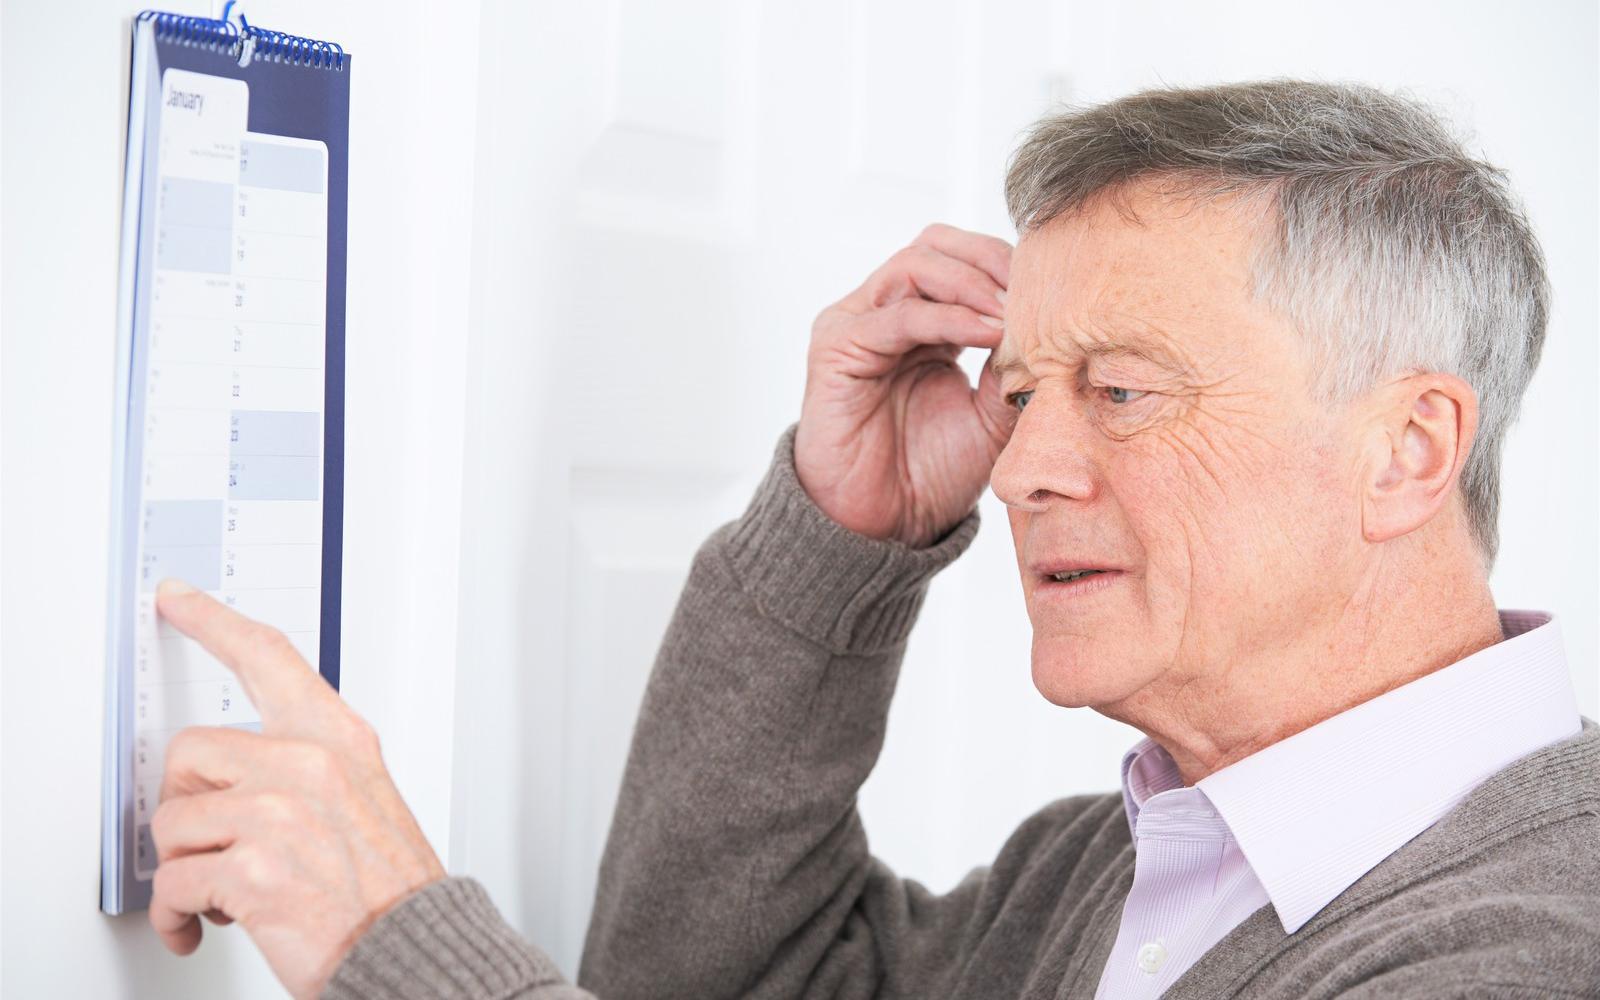 meddig kezelik a magas vérnyomást mi legyen a magas vérnyomás tápláléka